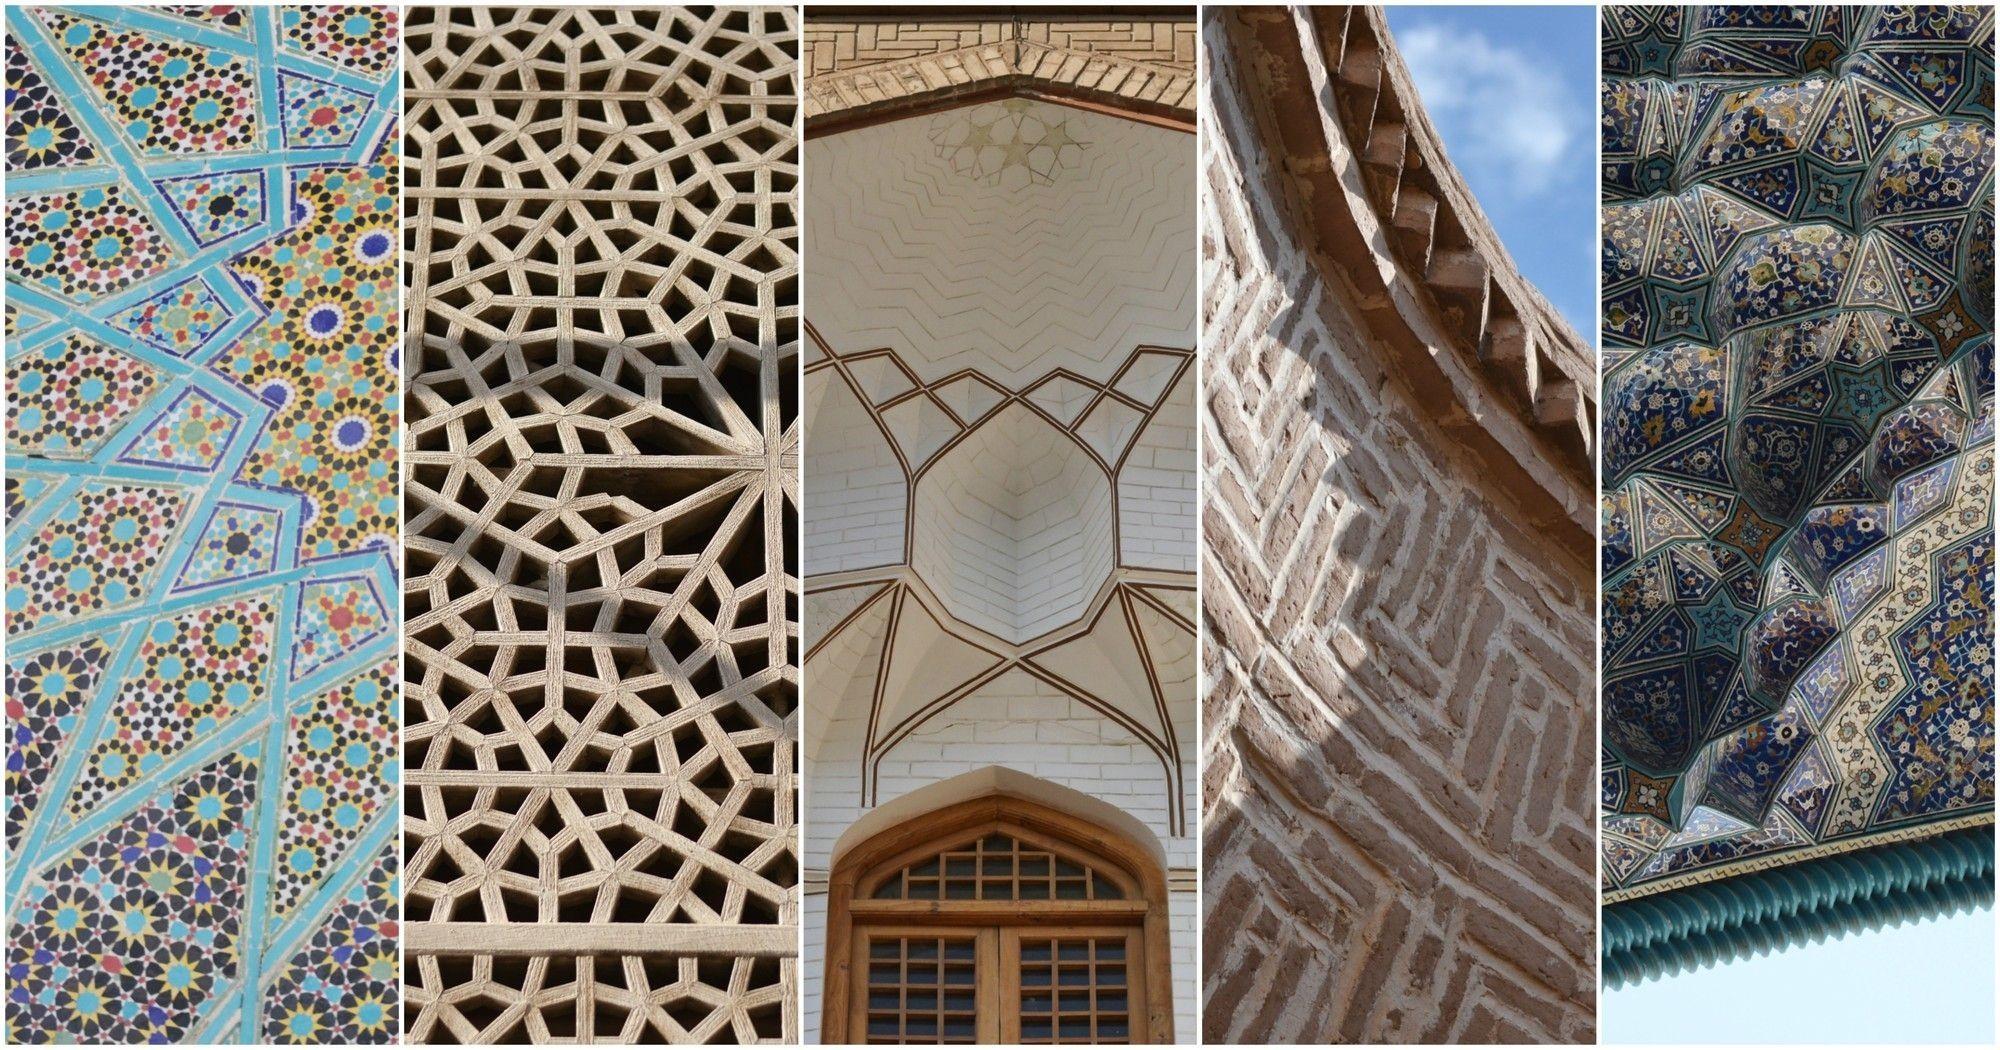 چه تعداد میراث جهانی در ایران وجود دارد؟